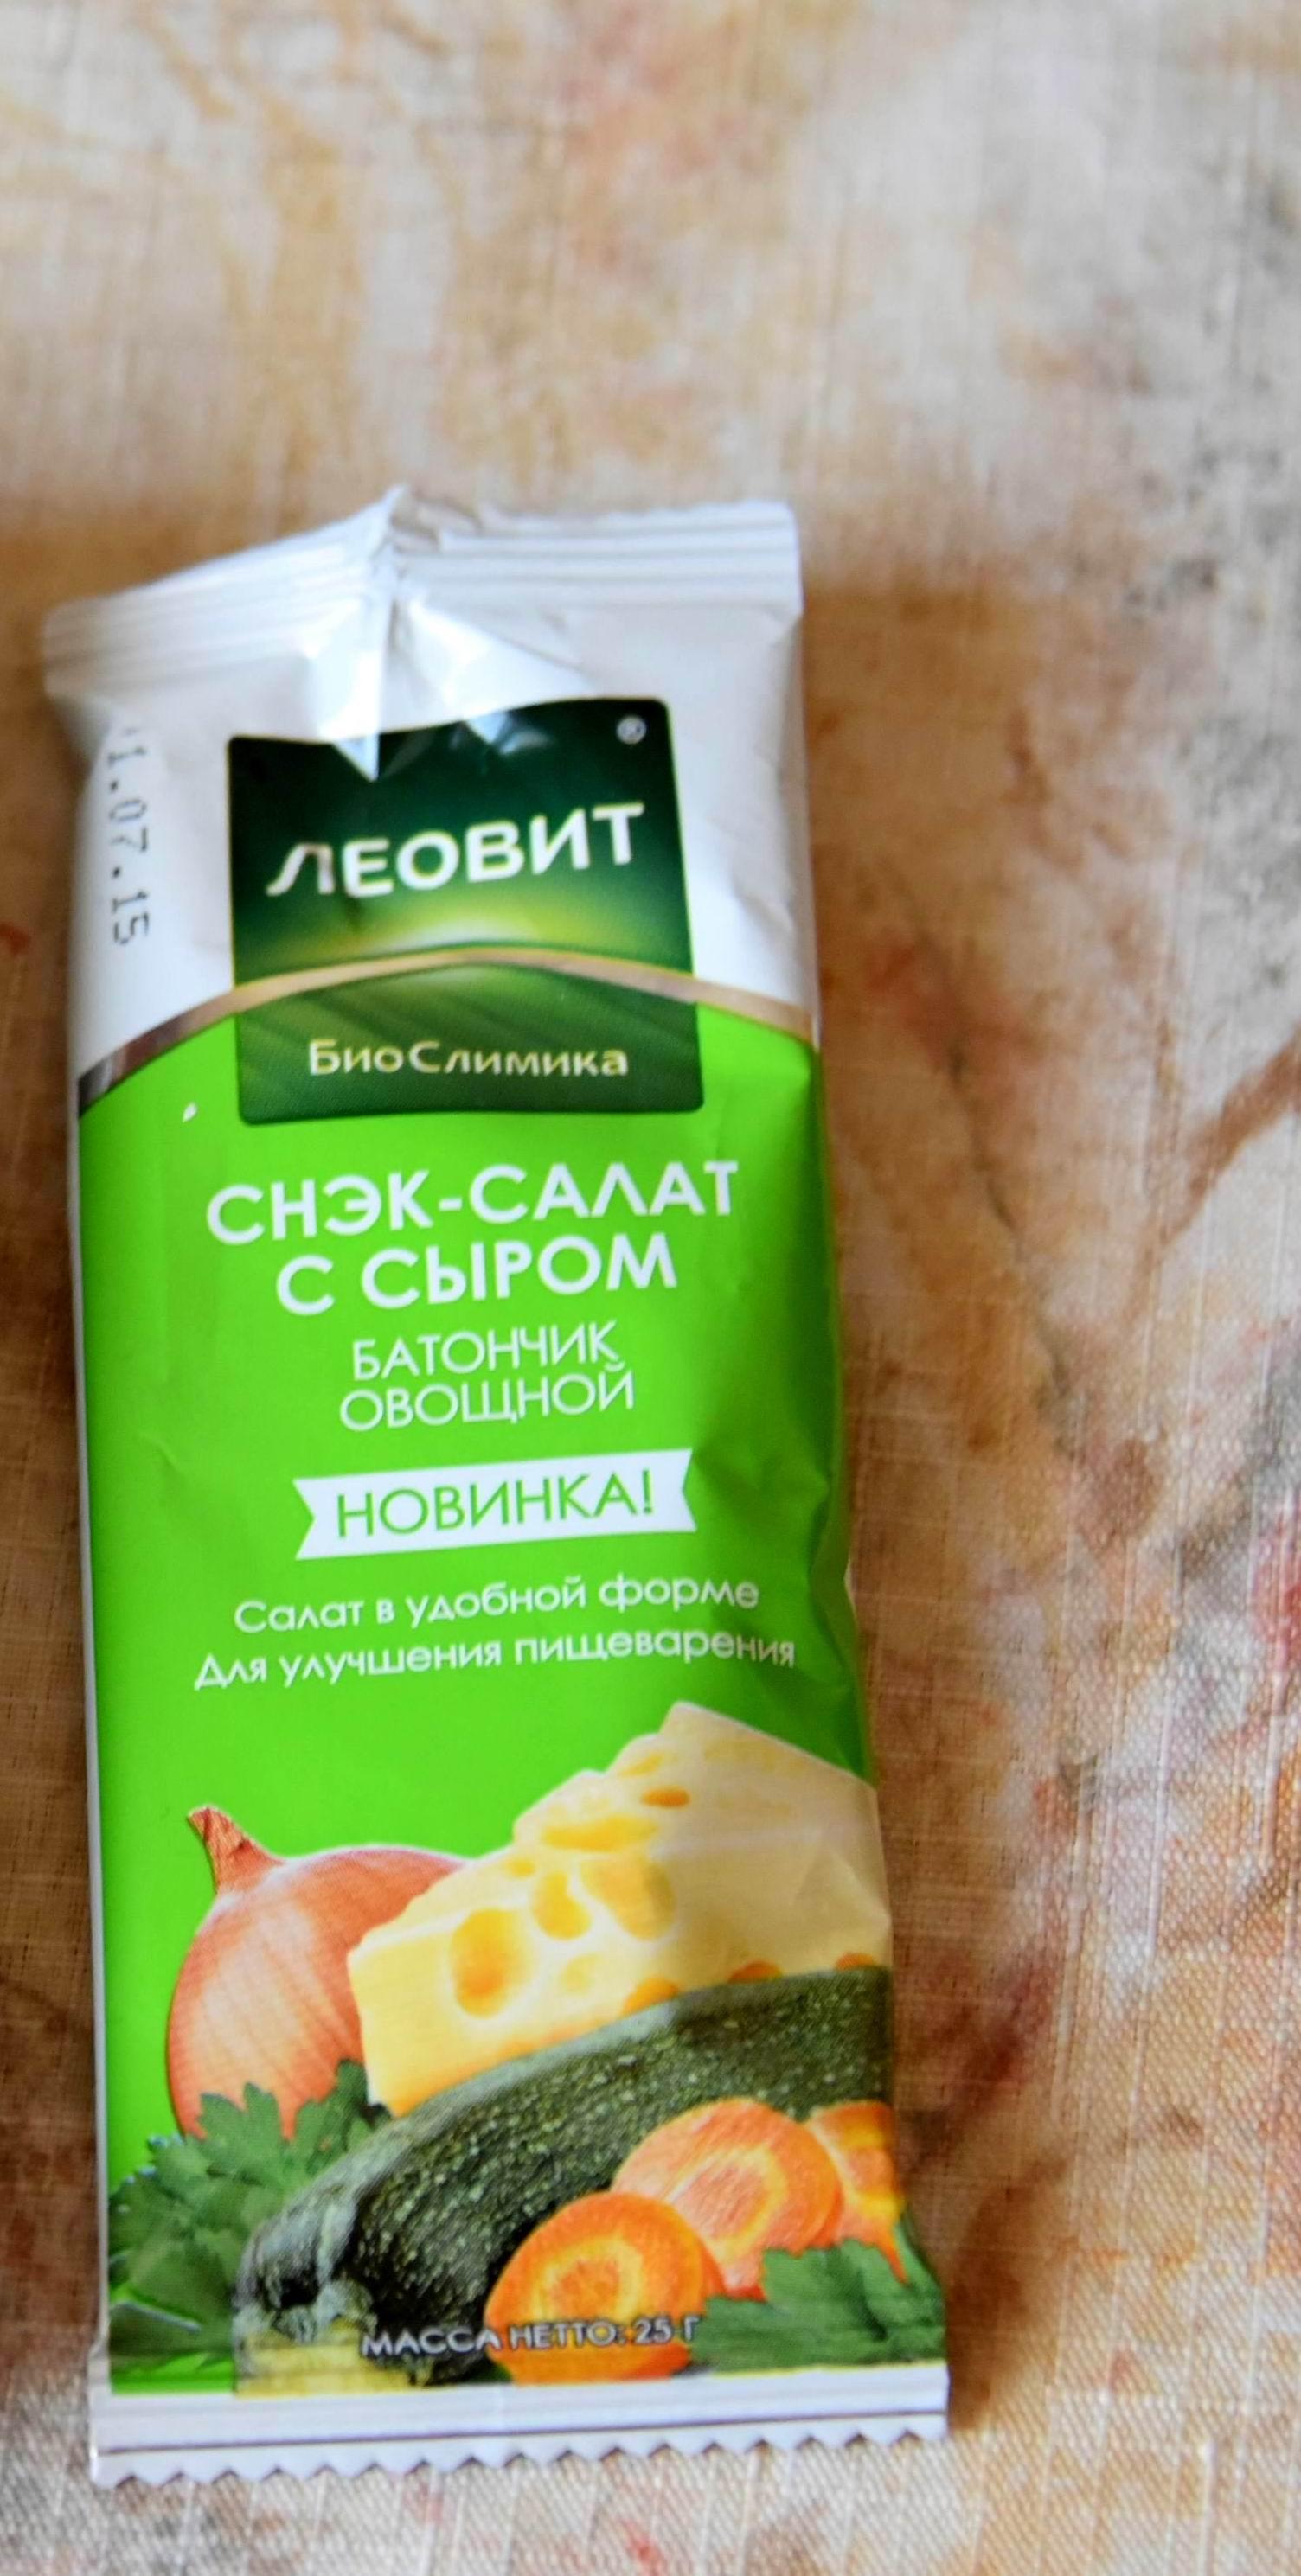 готовая еда для похудения с доставкой новосибирск